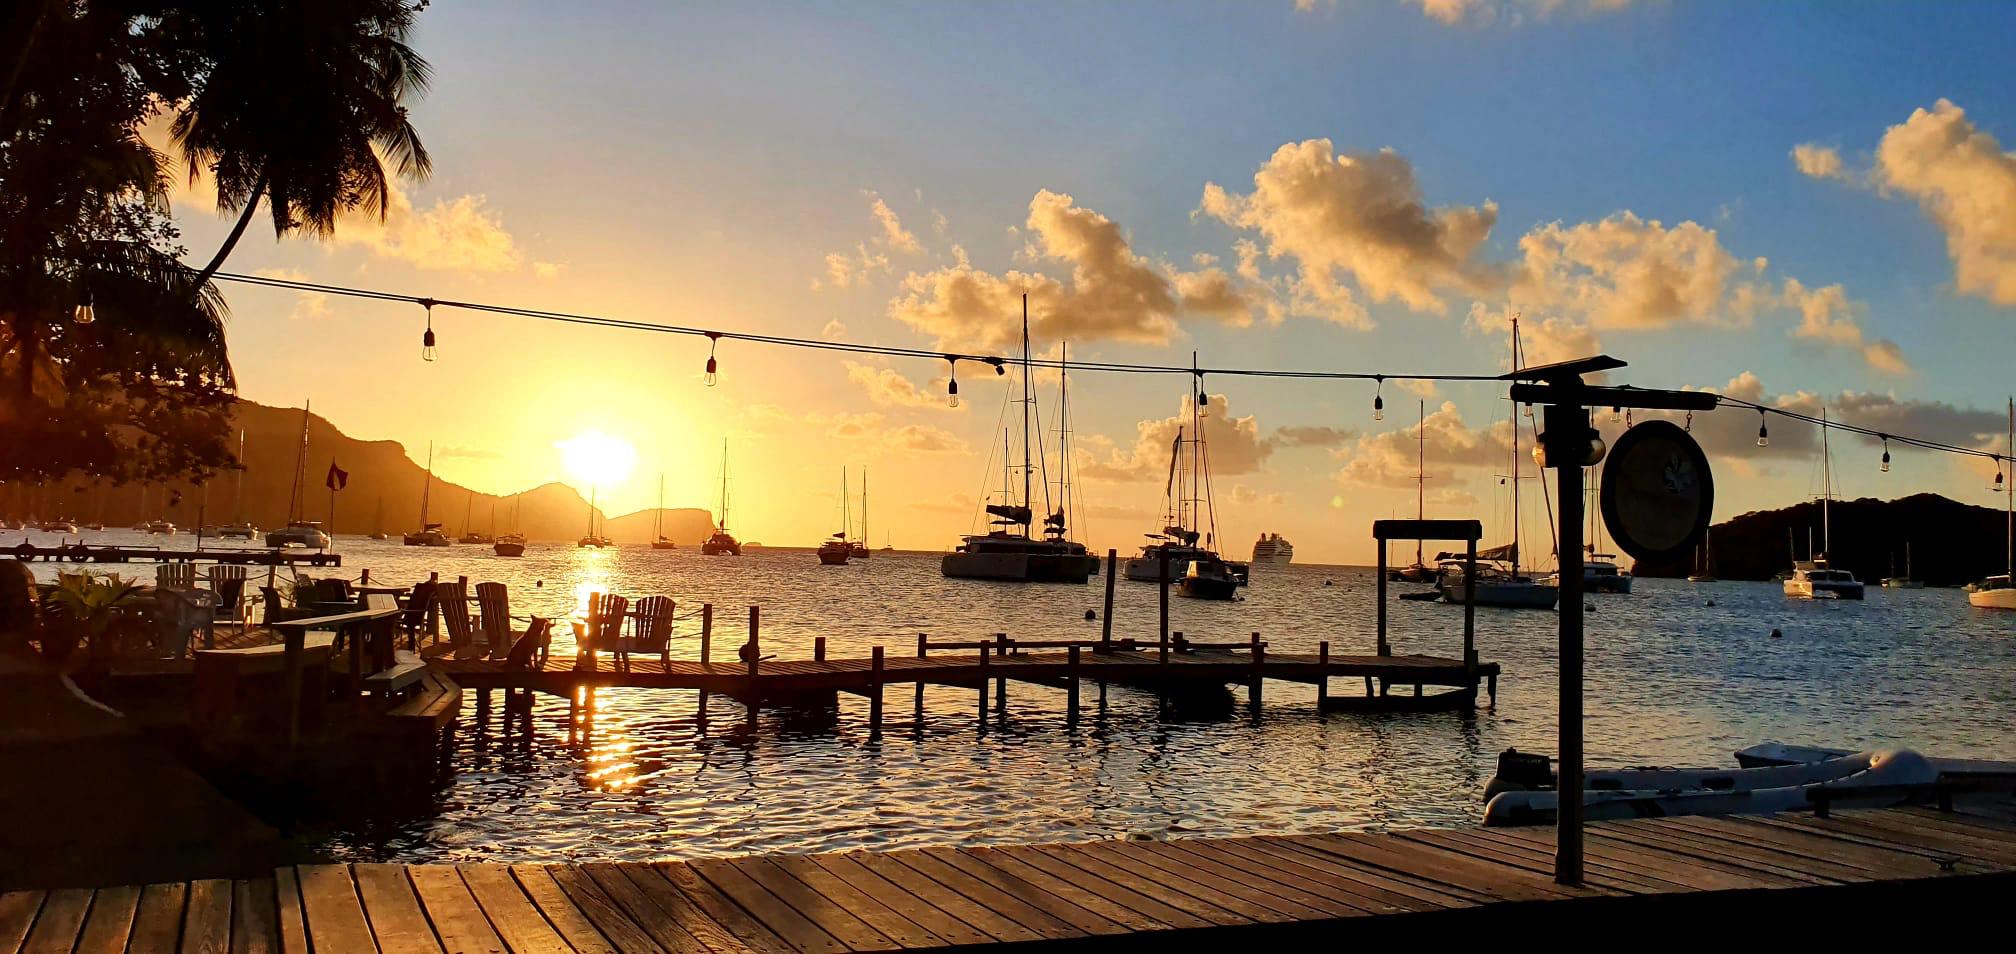 Stimmungsbild in der Karibikjpg